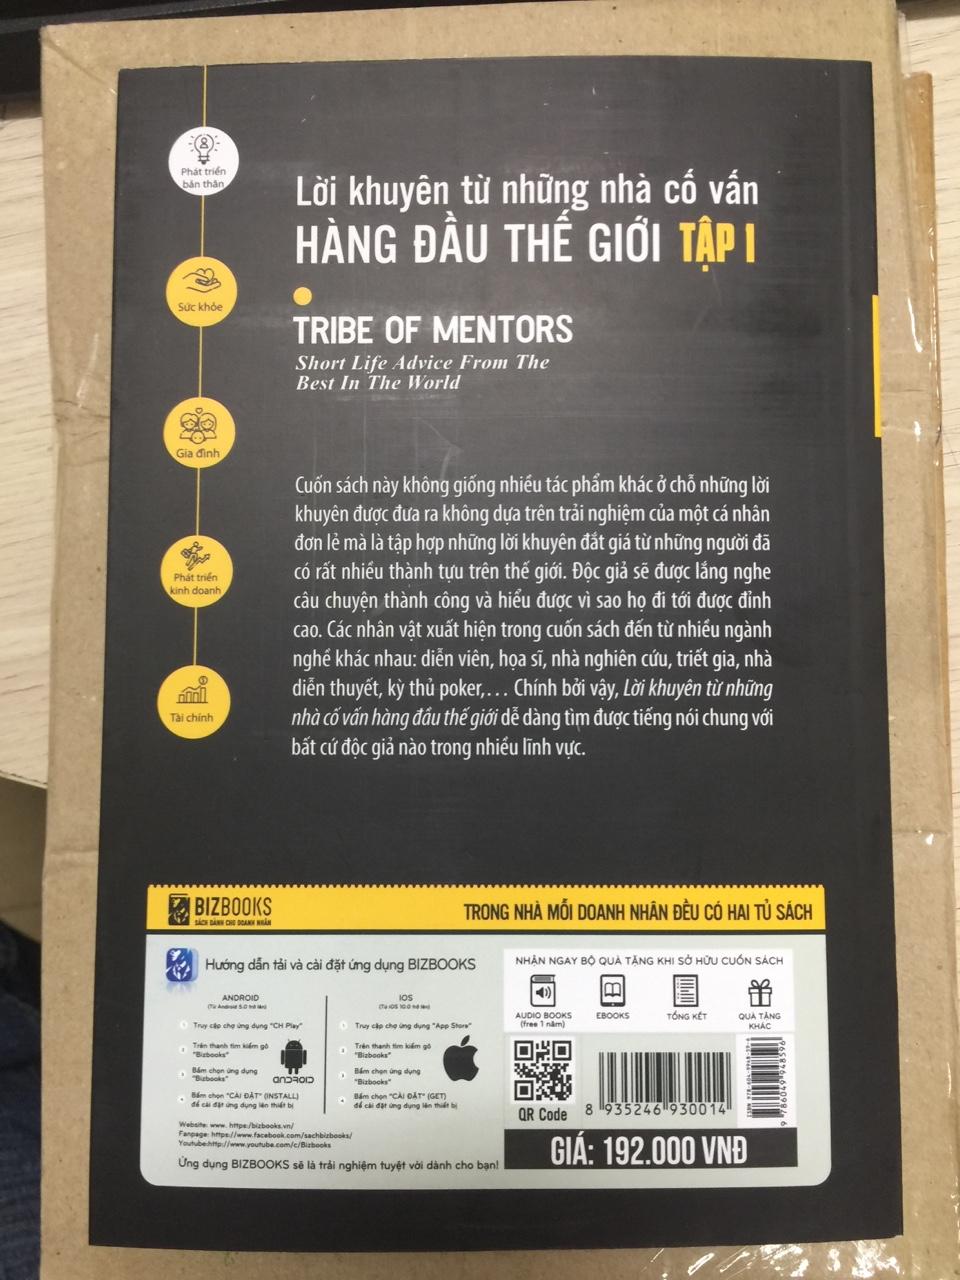 Combo bộ 2 cuốn Lời khuyên từ những nhà có vấn hàng đầu thế giới tập 1+2tv